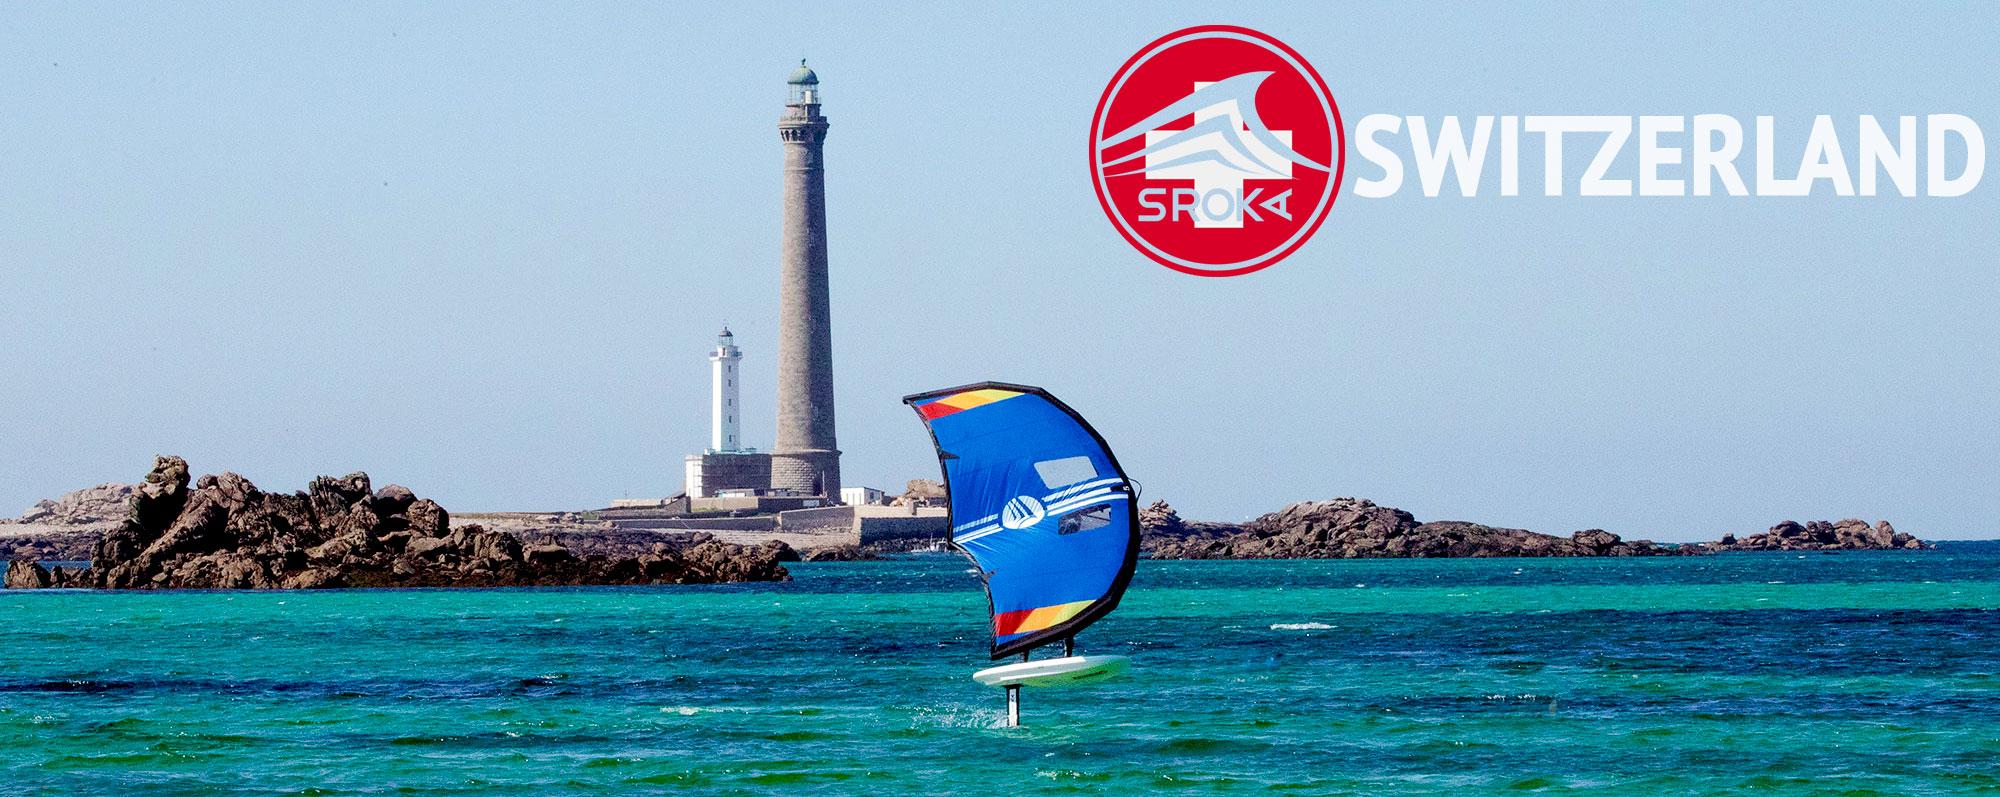 Kaufen Sie in Schweizerisch eine Wing Foil oder eine Surf Foil, SUP Foil, Kite Foil, Wind Foil oder ein Stand-up Paddle.